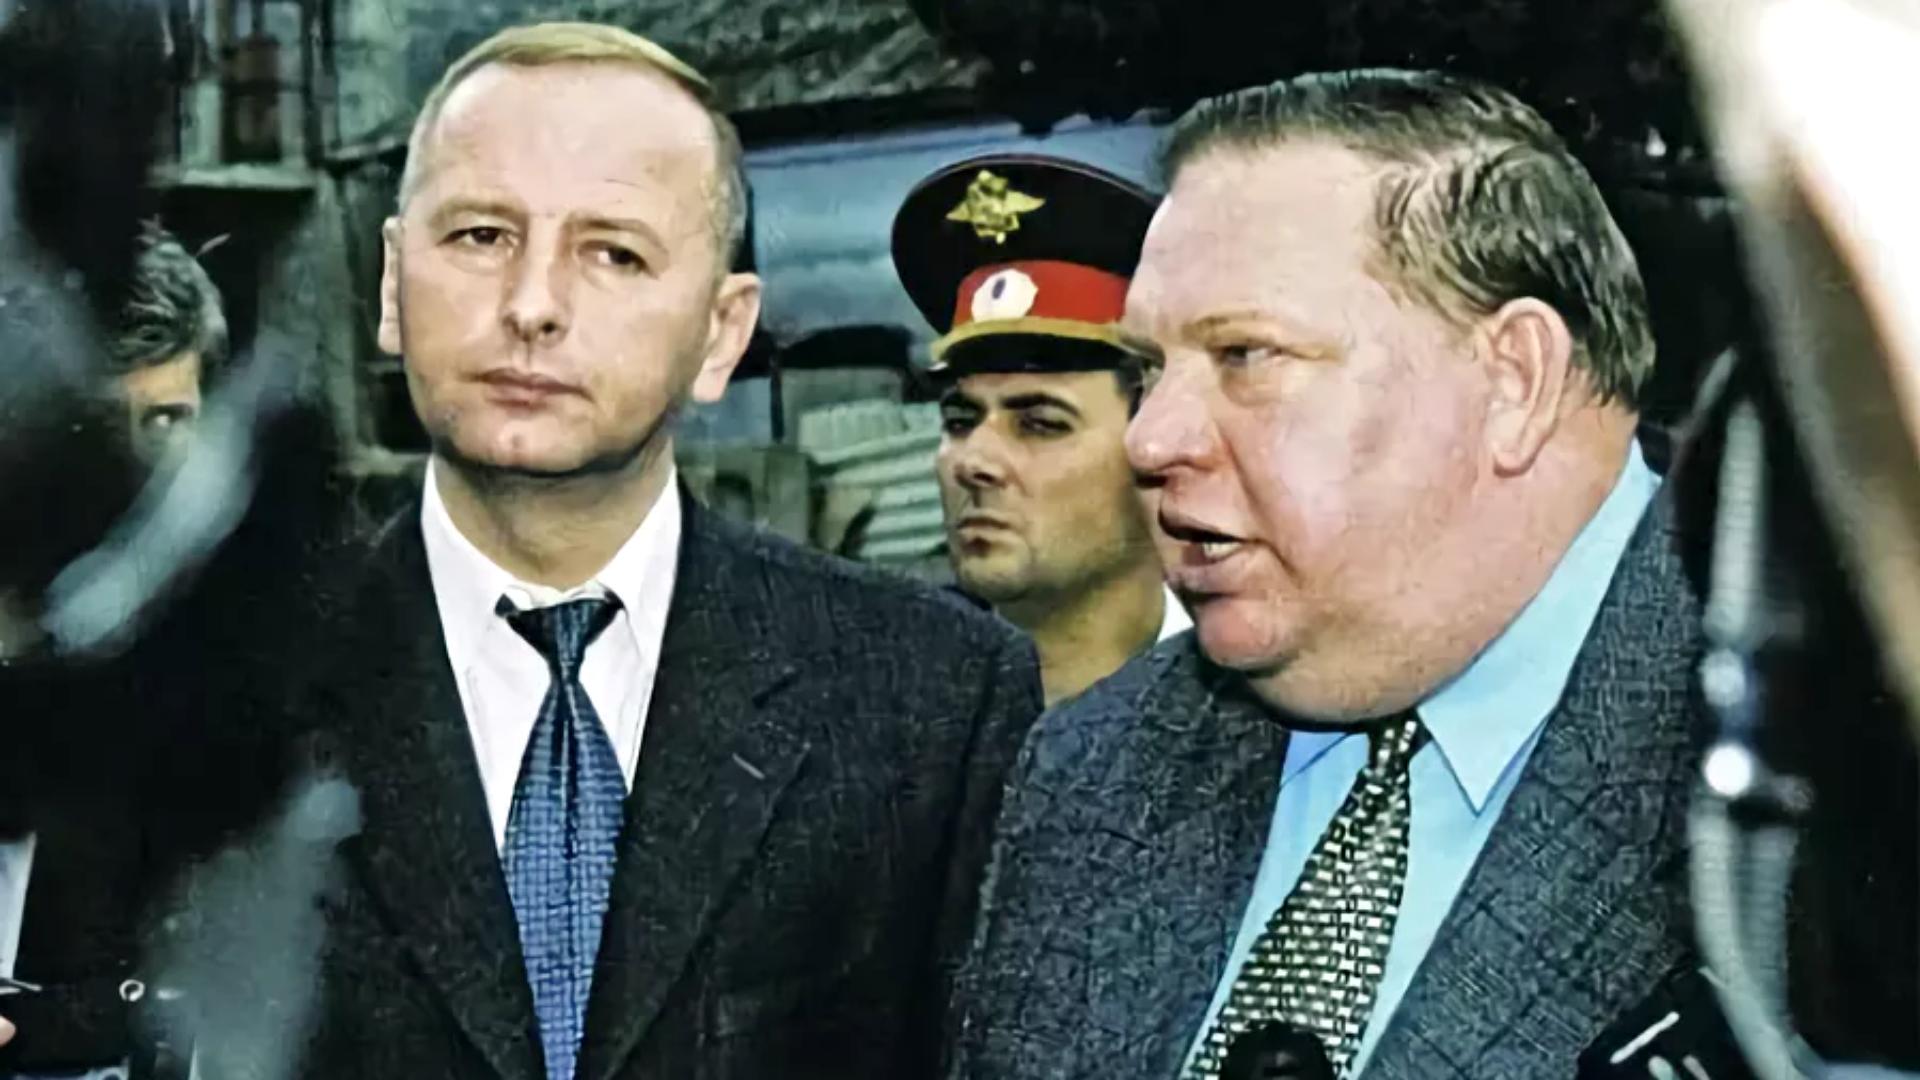 Герман Угрюмов (на снимке справа) был одной из ключевых фигур на Северном Кавказе во время второй чеченской войны. Фото Виктора Клюшкина / ТАСС